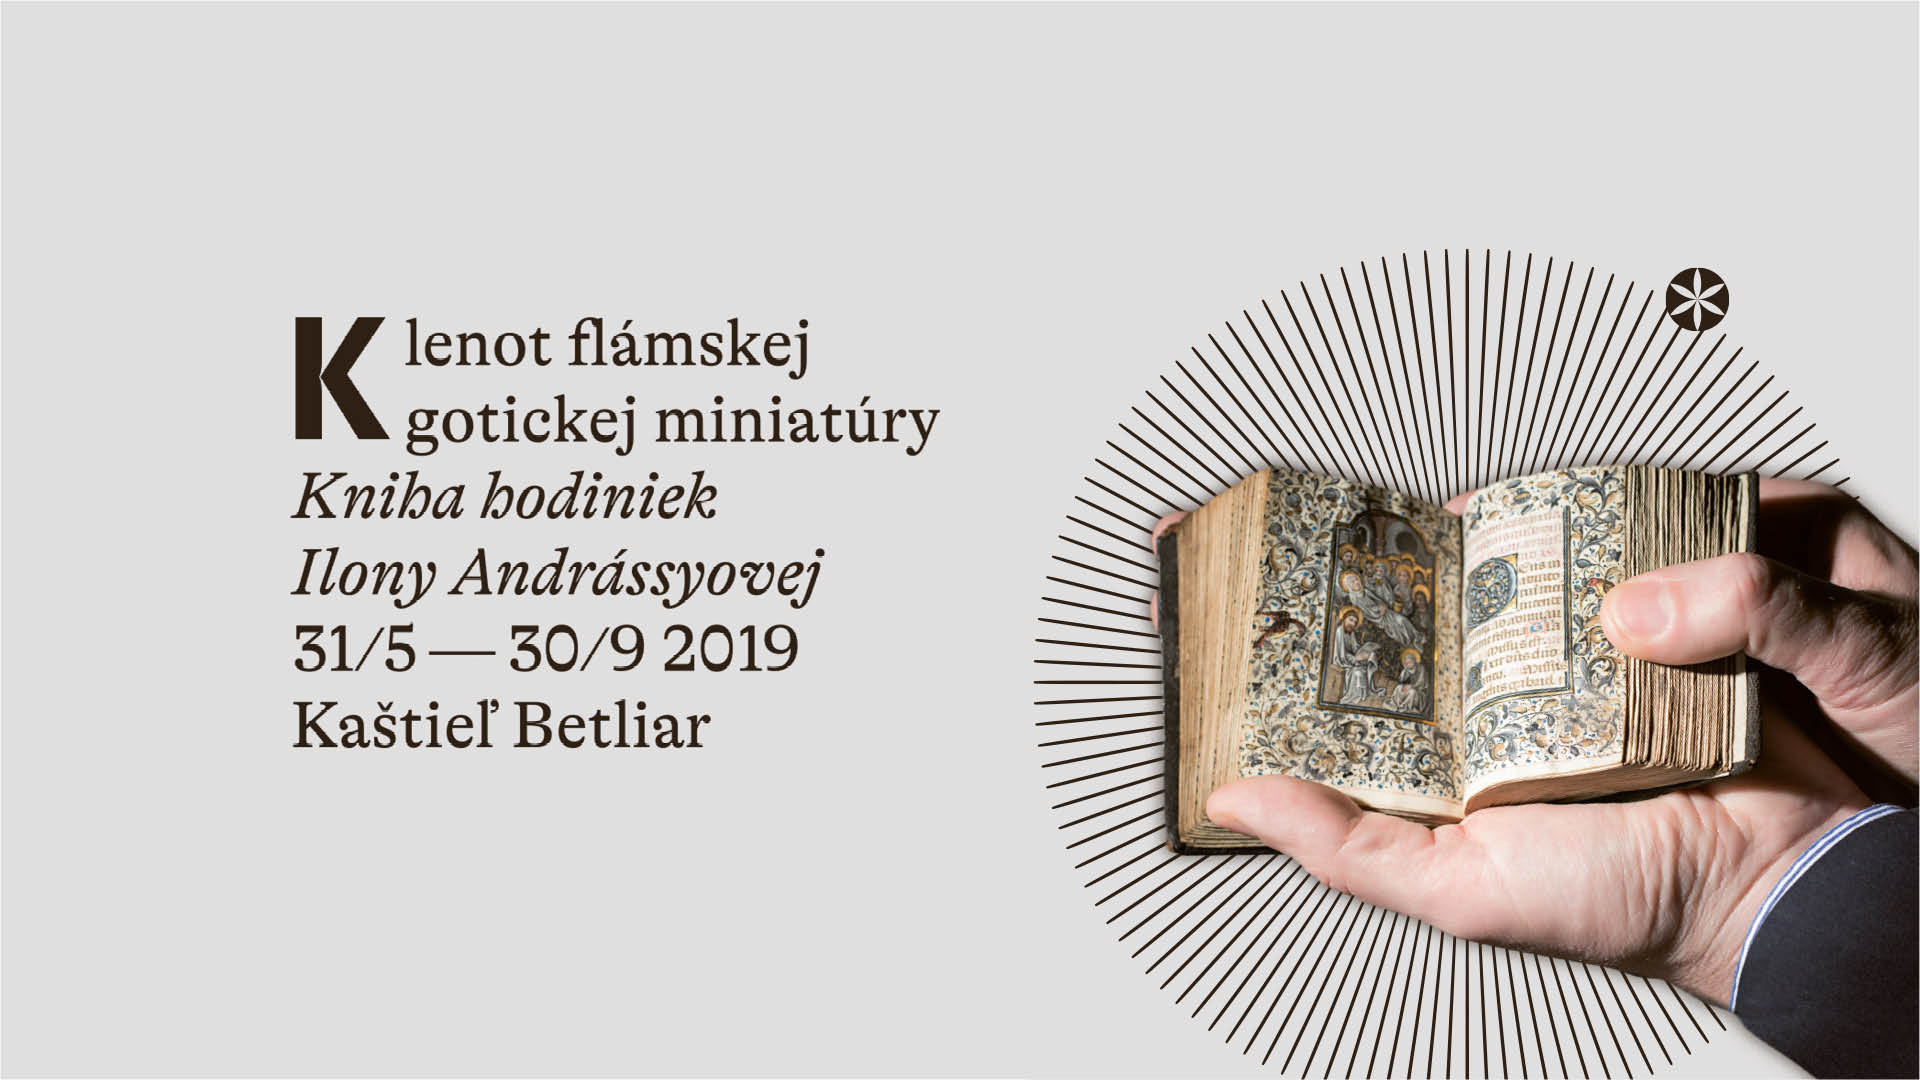 Klenot flámskej gotickej miniatúry: Kniha hodiniek Ilony Andrássyovej